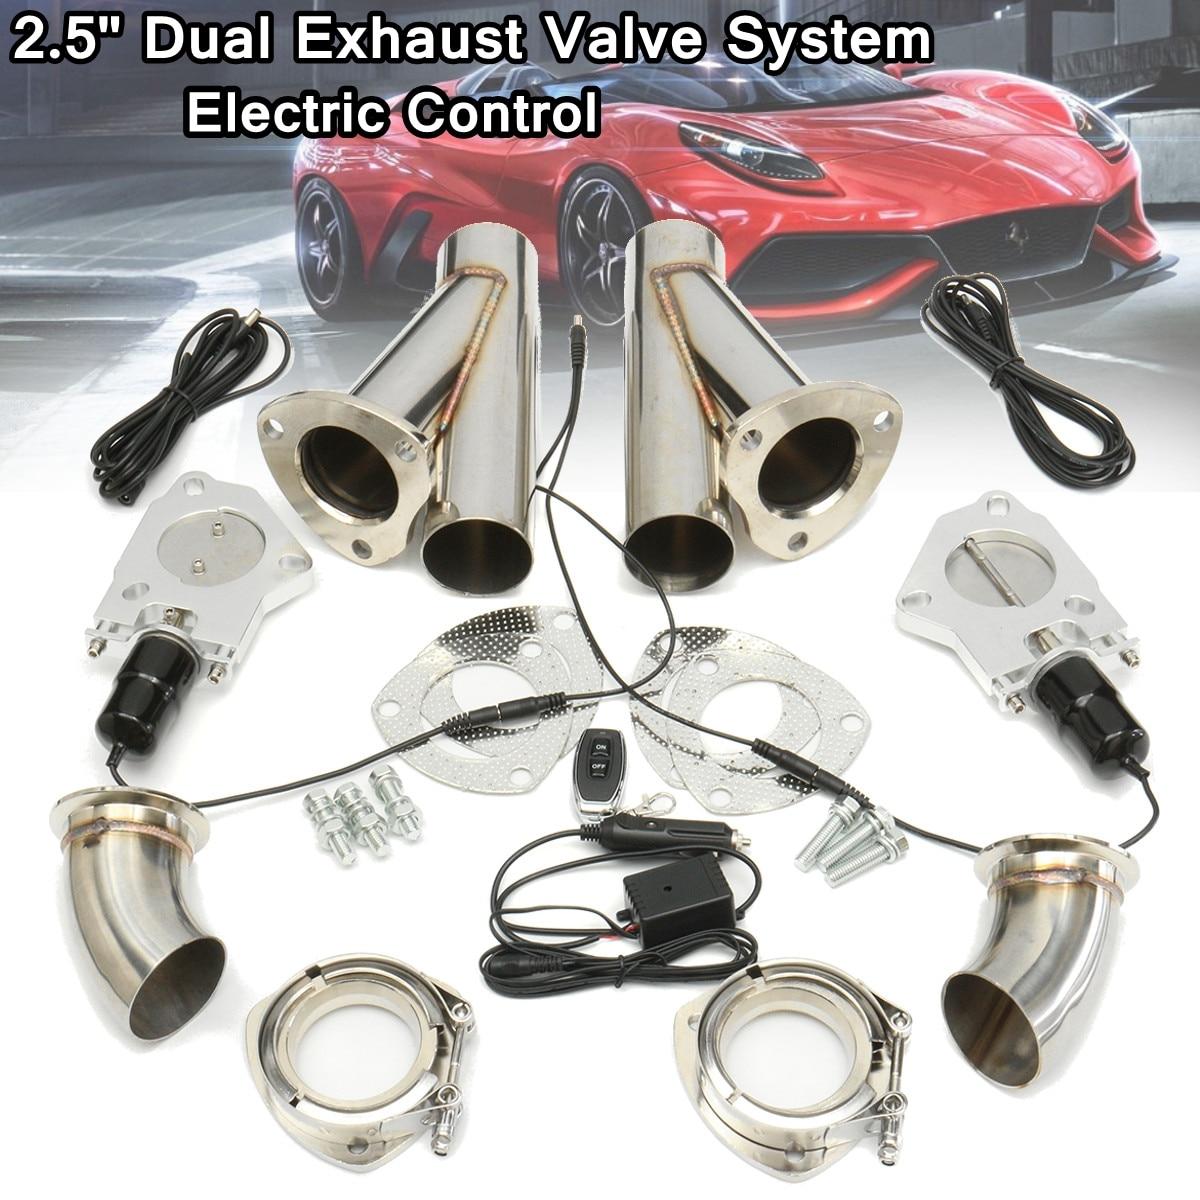 2.5 Polegada 6.3 milímetros Dual Catback Escape Para Baixo Tubo De Corte Sistema de Controle Elétrico Da Válvula Kit